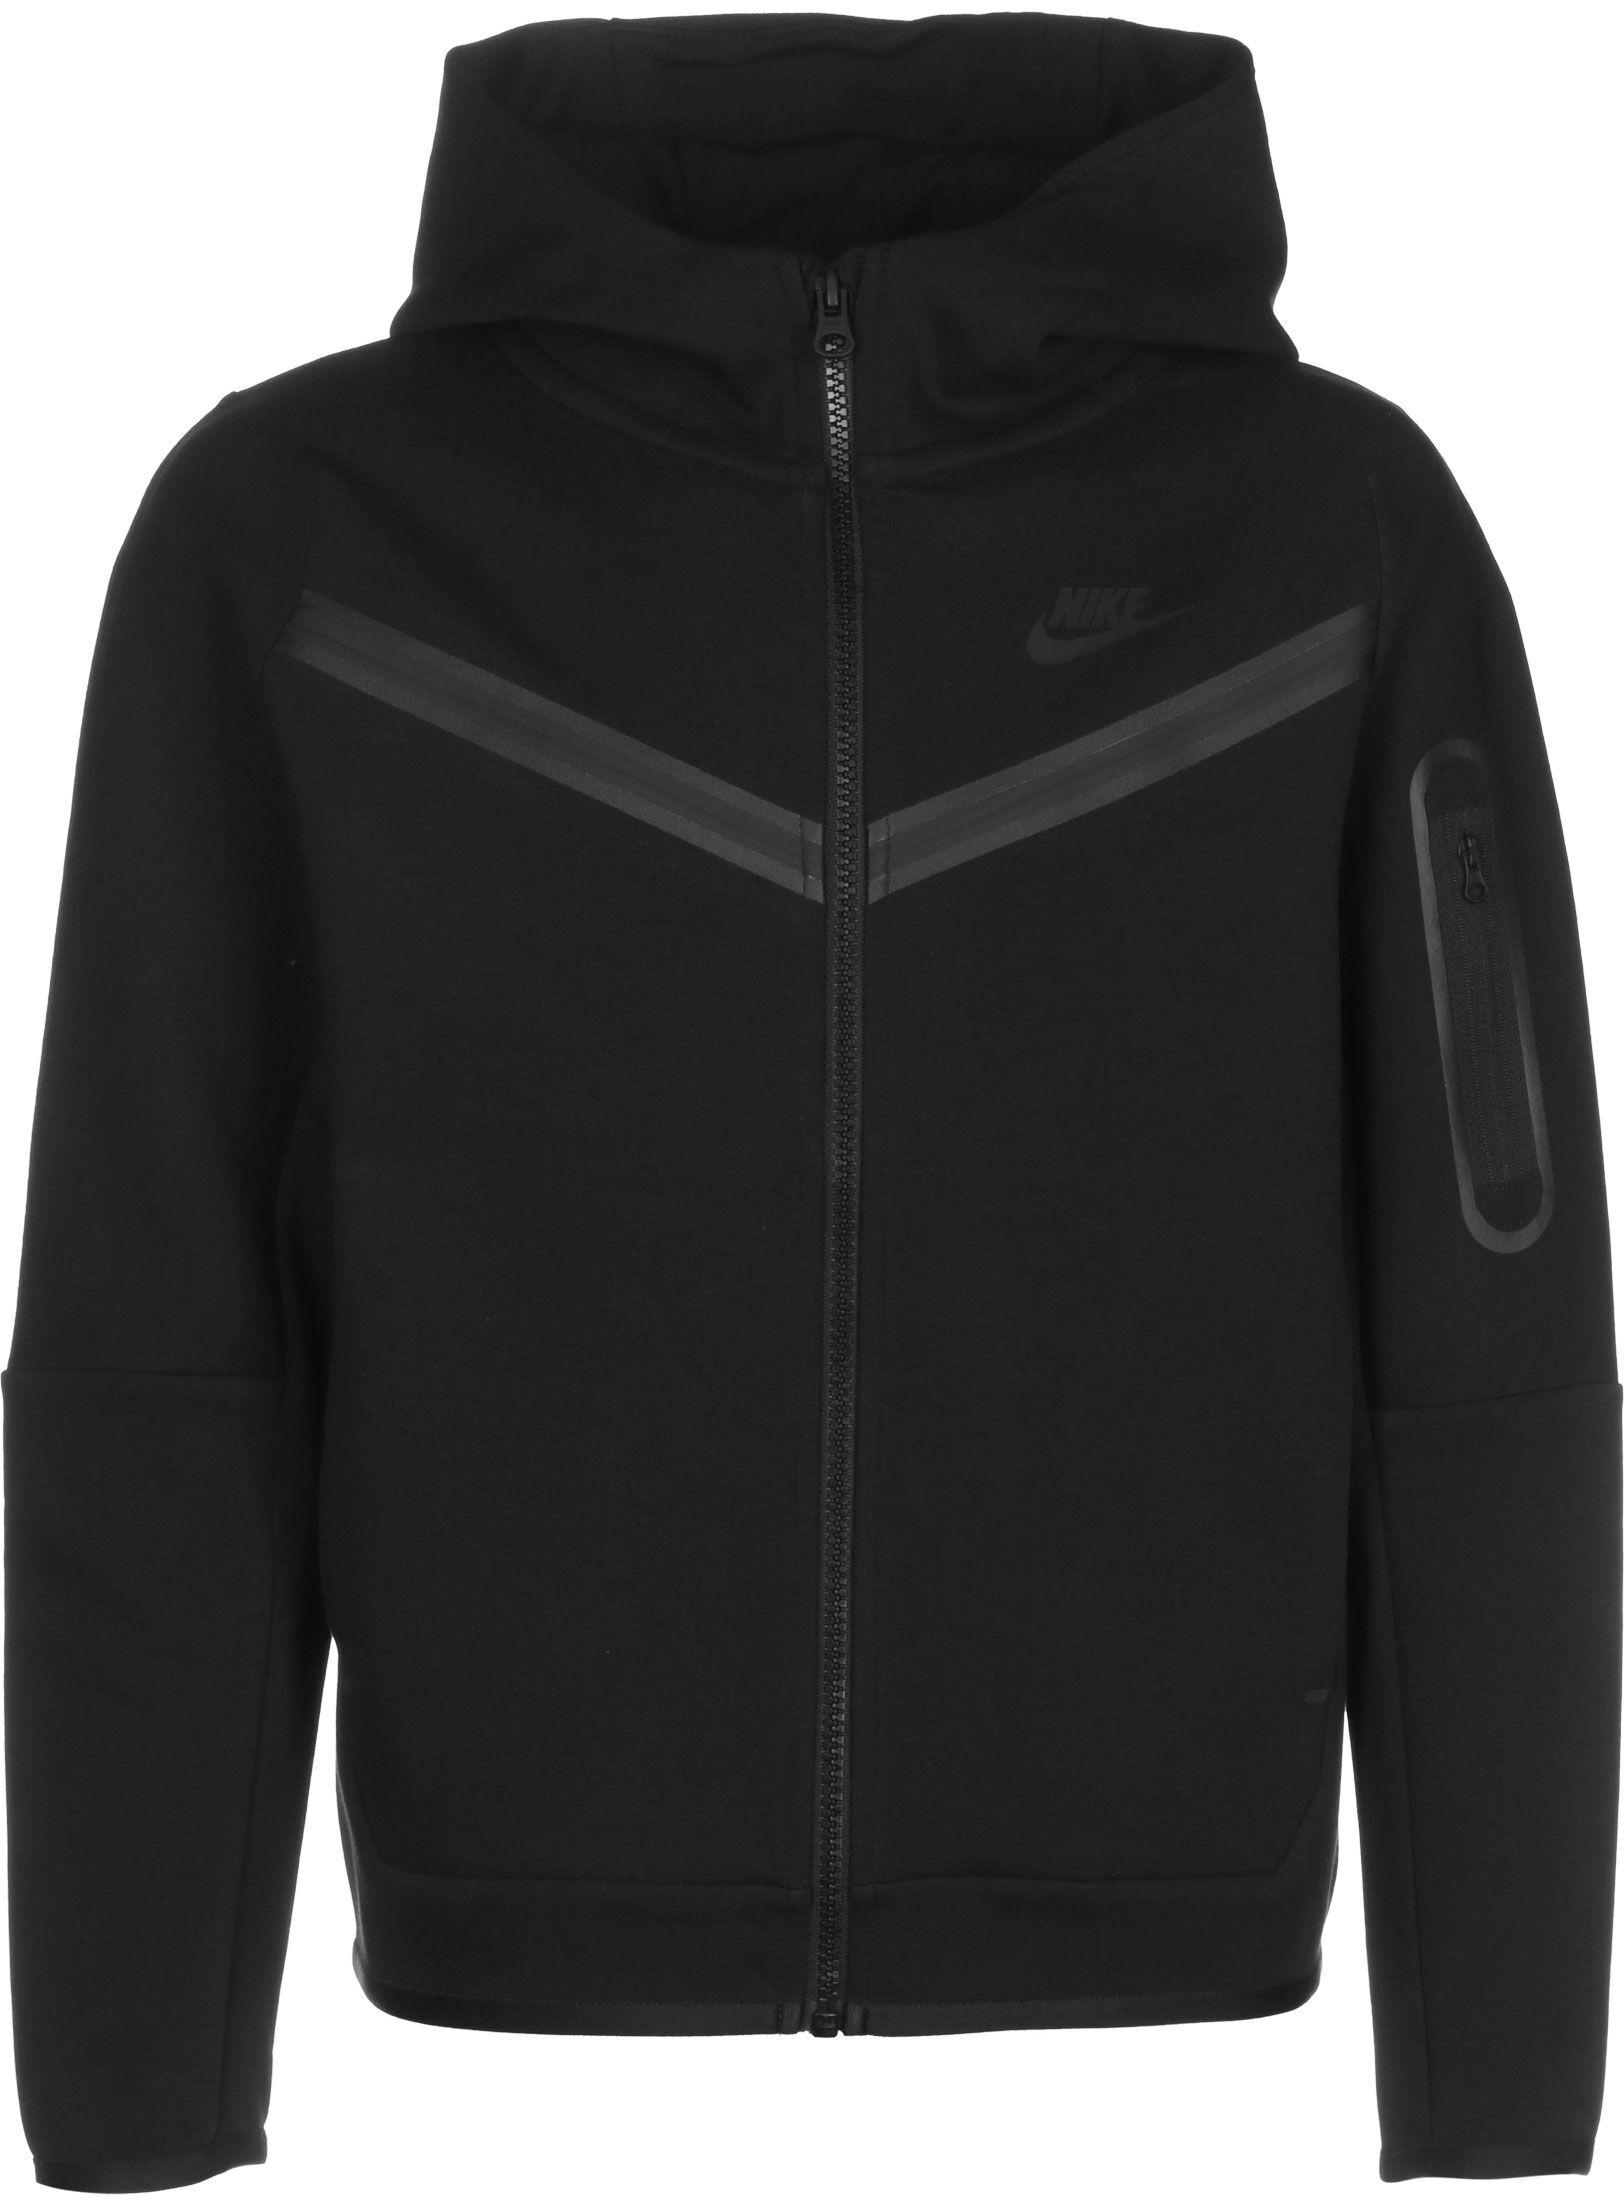 Nike Sportswear Tech Fleece, taille XS, enfant, noir